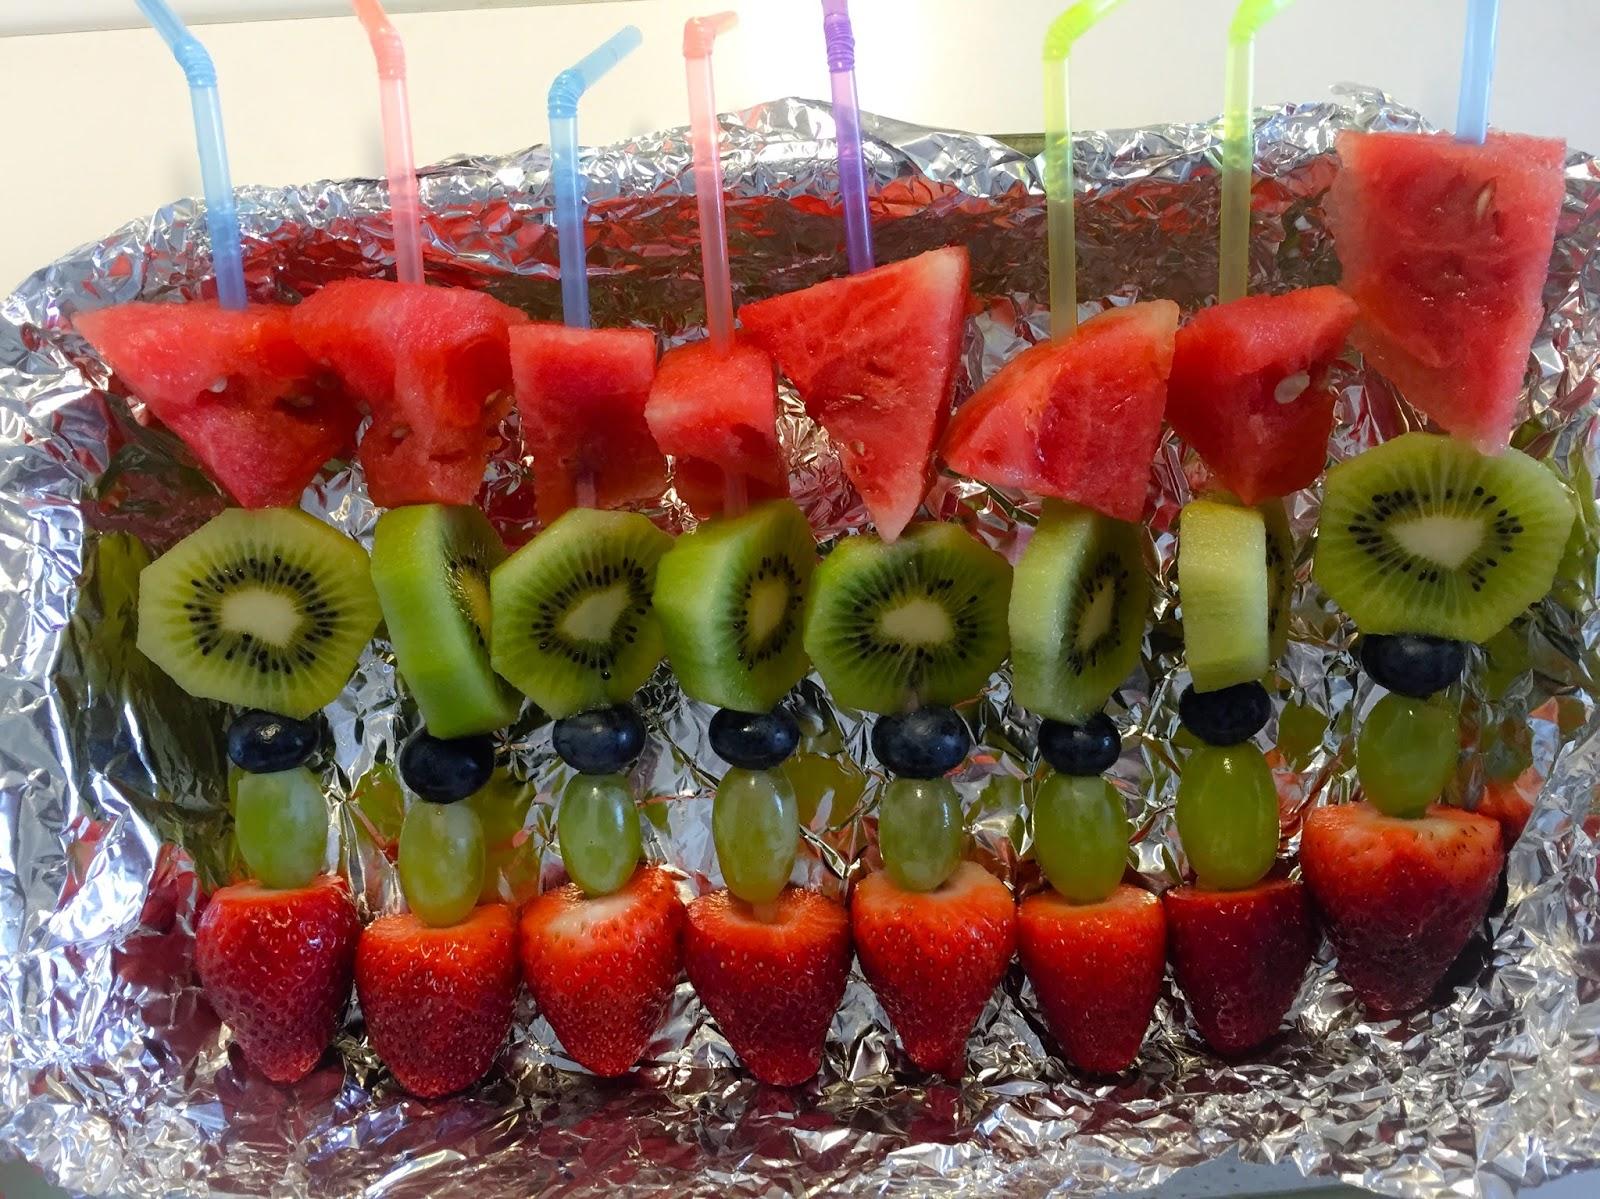 barnkalas barn tips ideér inspiration fruktspett tårta fika bjuda nyttigt